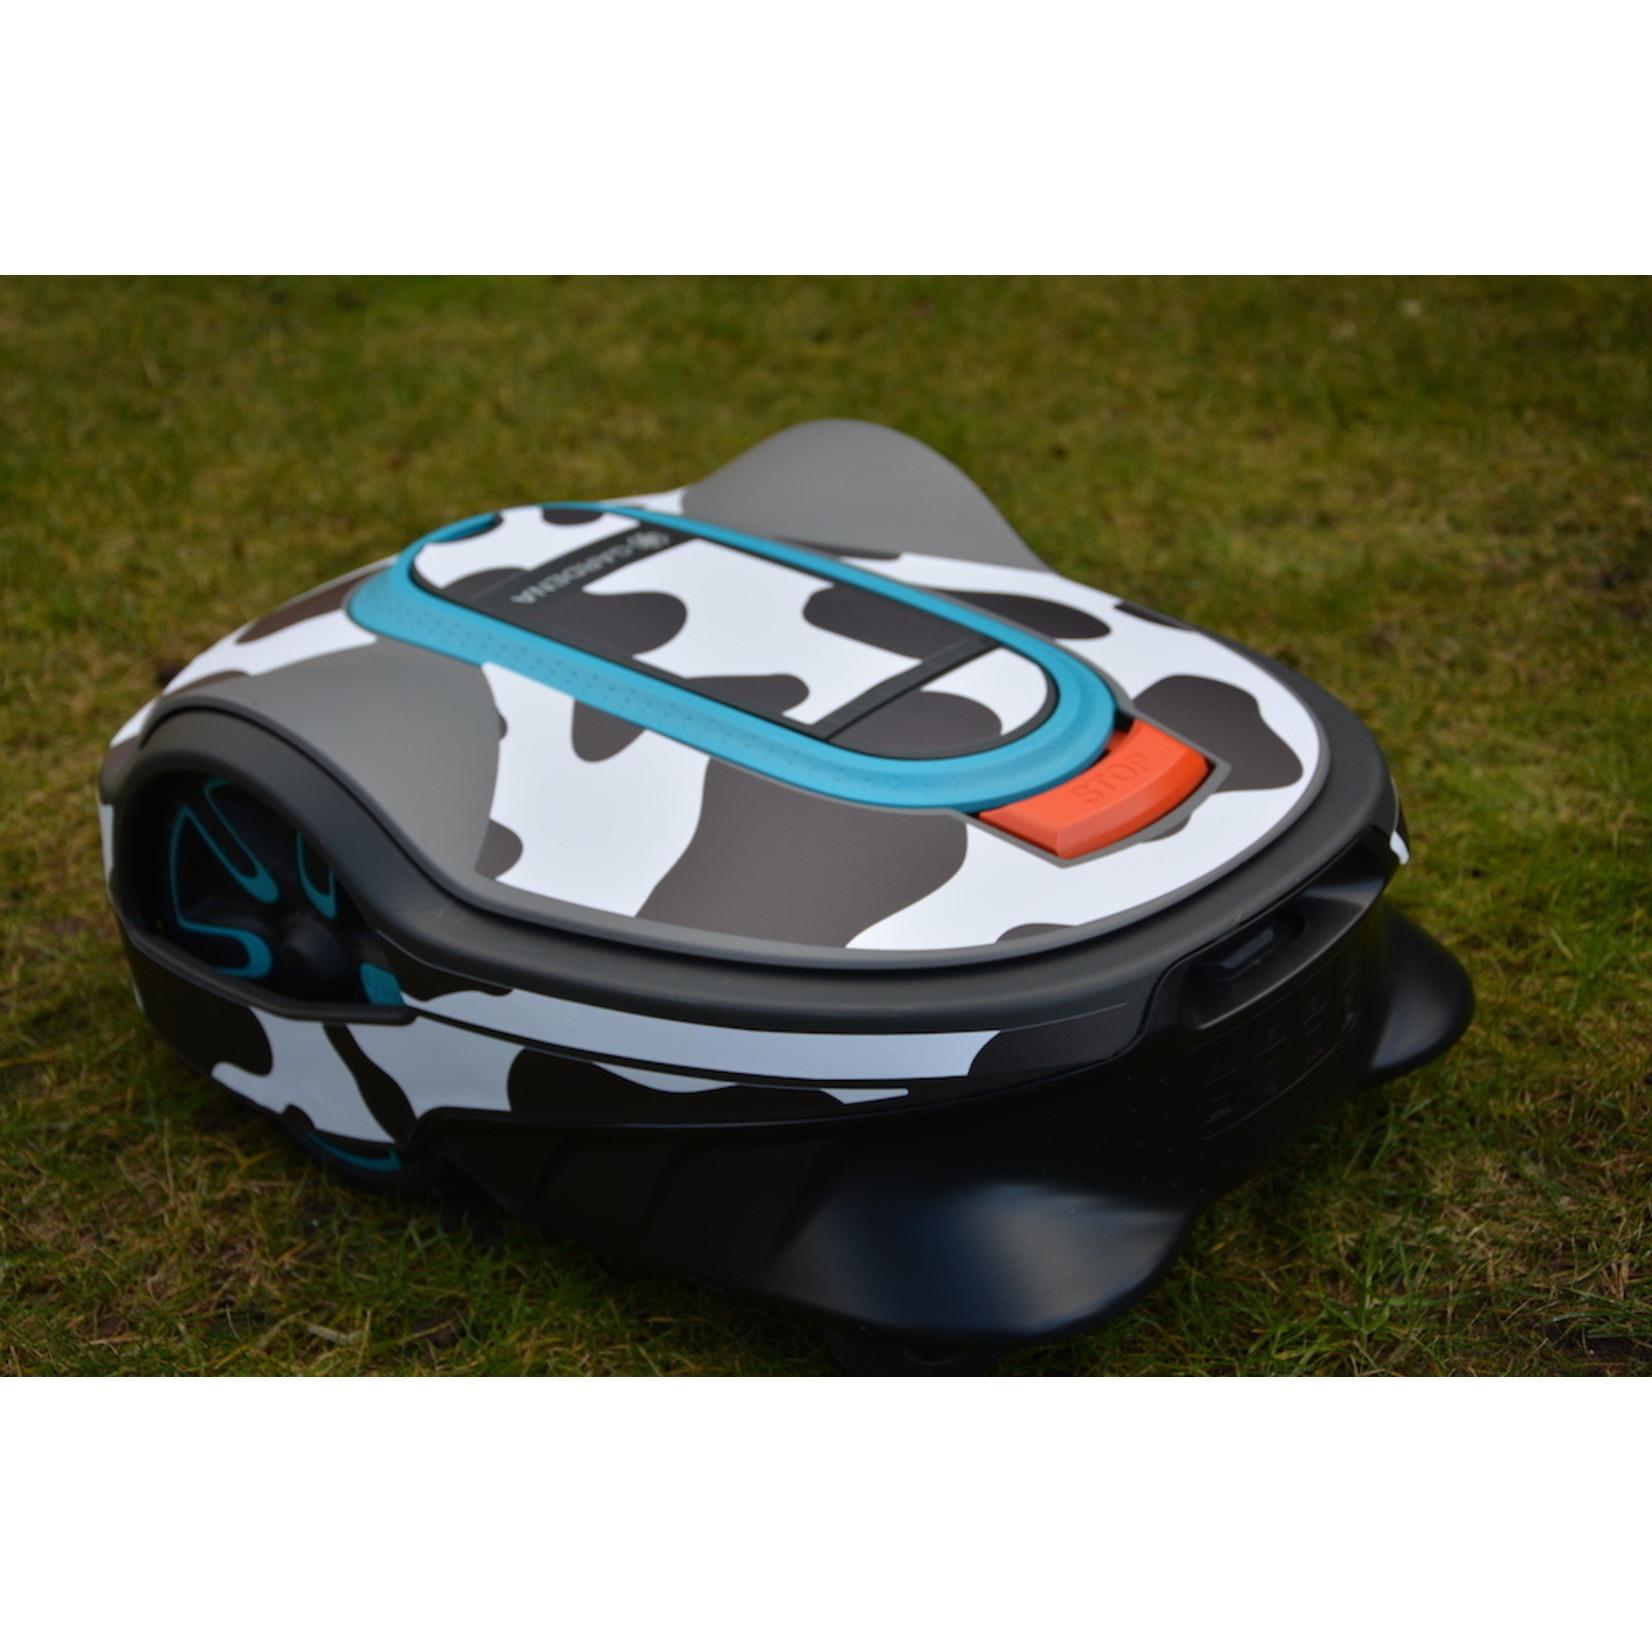 Twinckels Twinckels outfit voor Gardena Robotmaaier Sileno - Koe